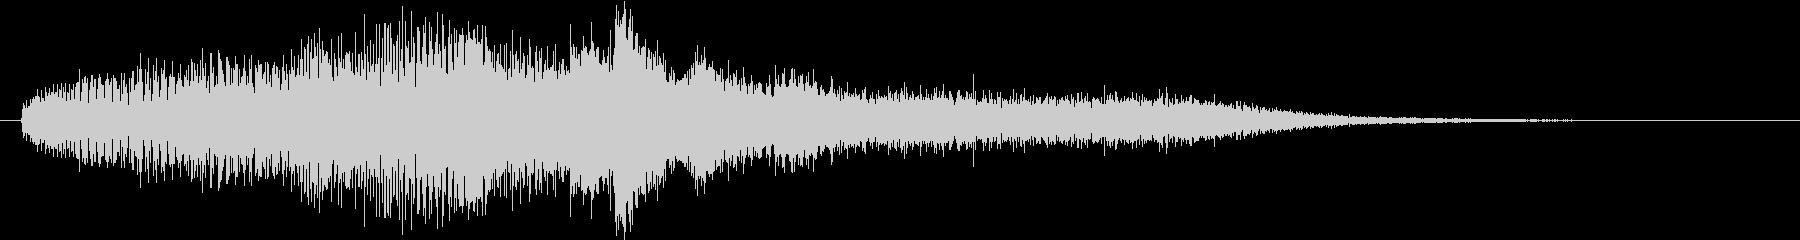 タイトル用サウンド・サウンドロゴ風ピアノの未再生の波形